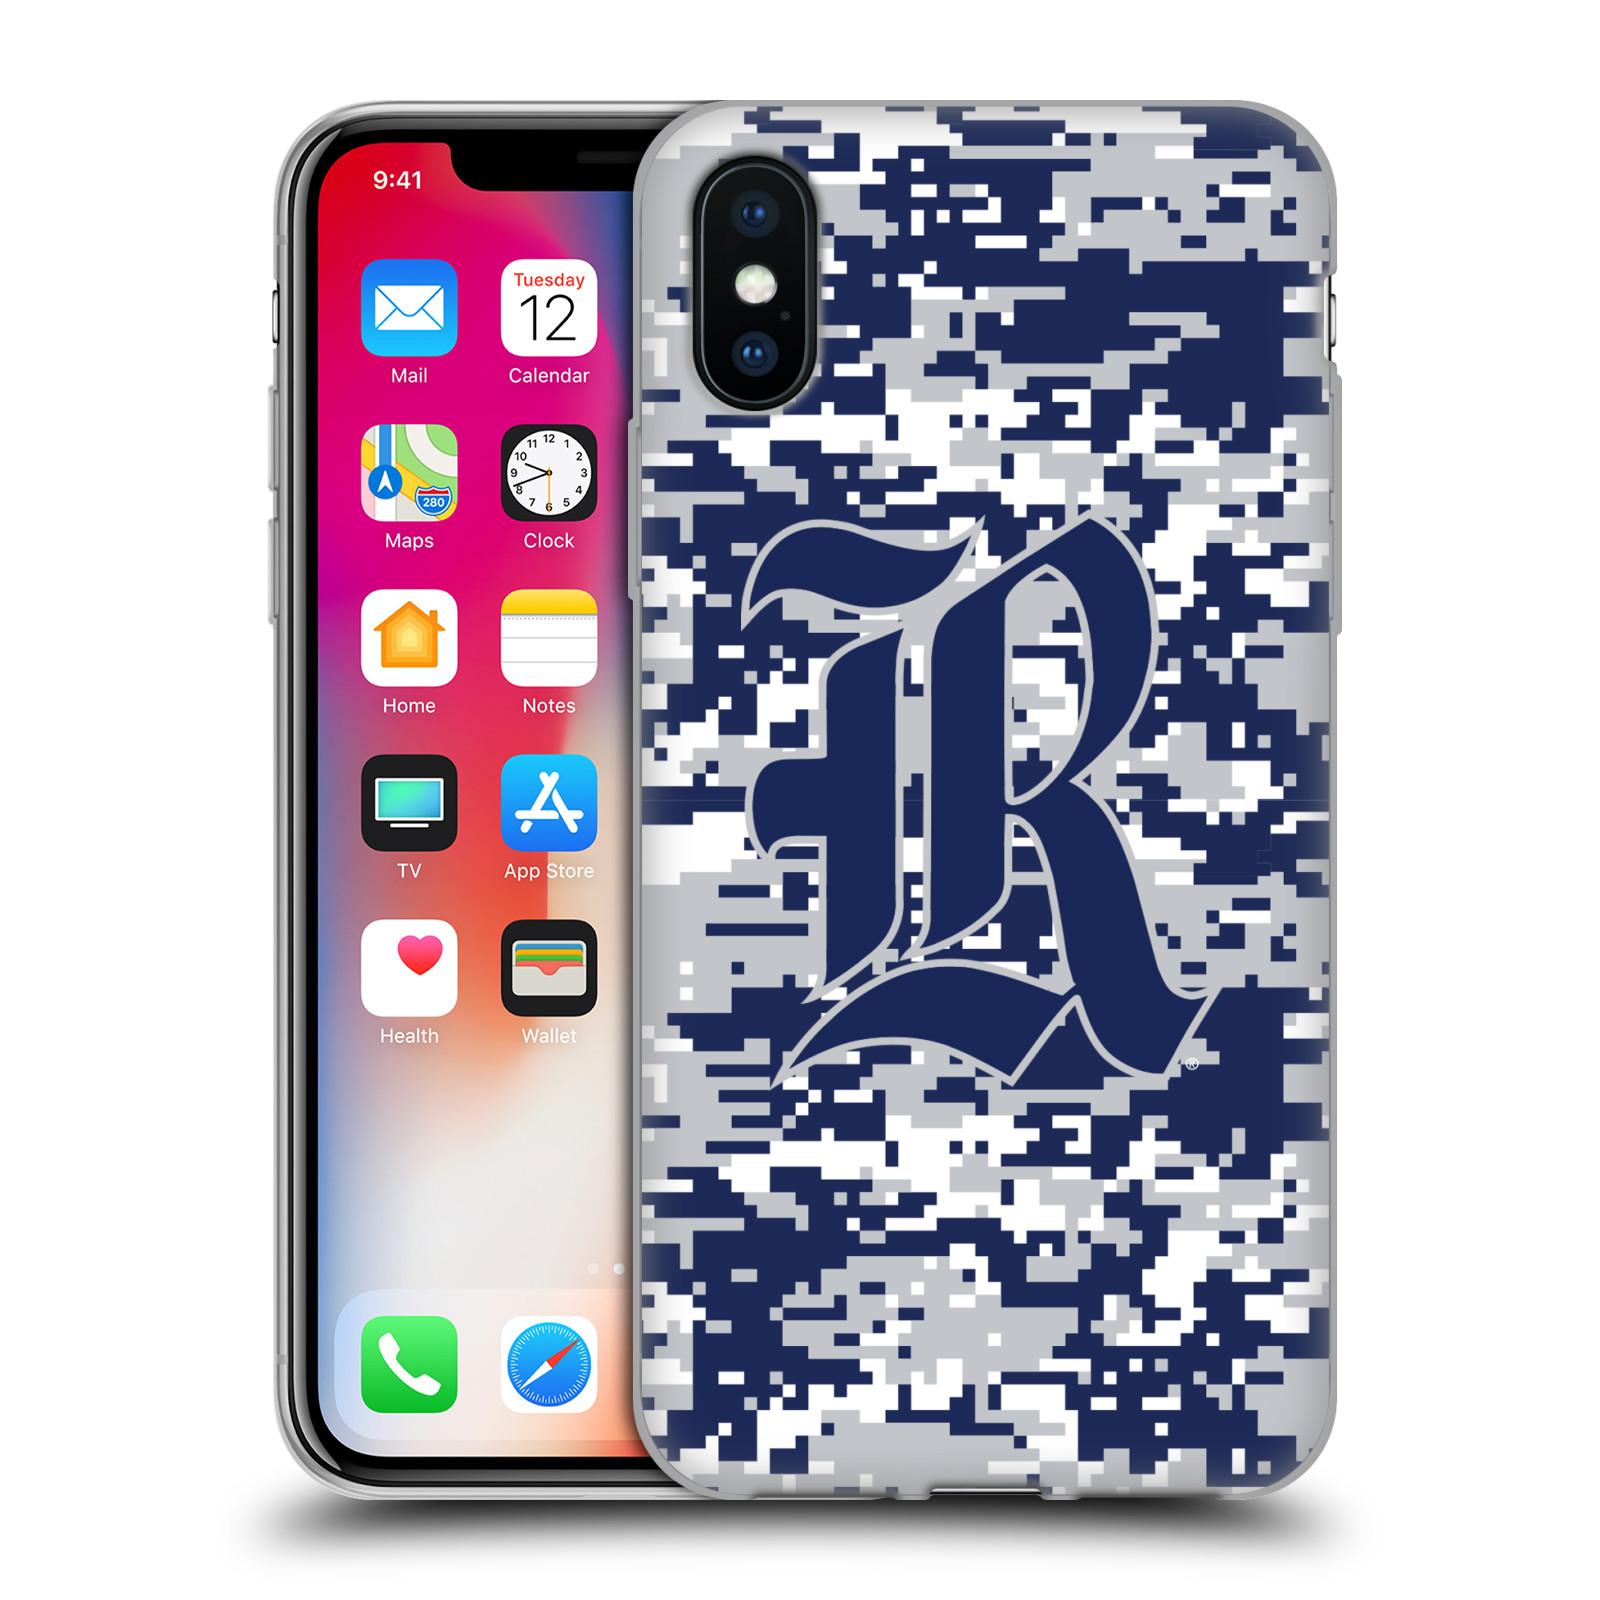 Oficial-de-la-Universidad-Rice-Gel-Suave-Estuche-para-telefonos-Apple-iPhone